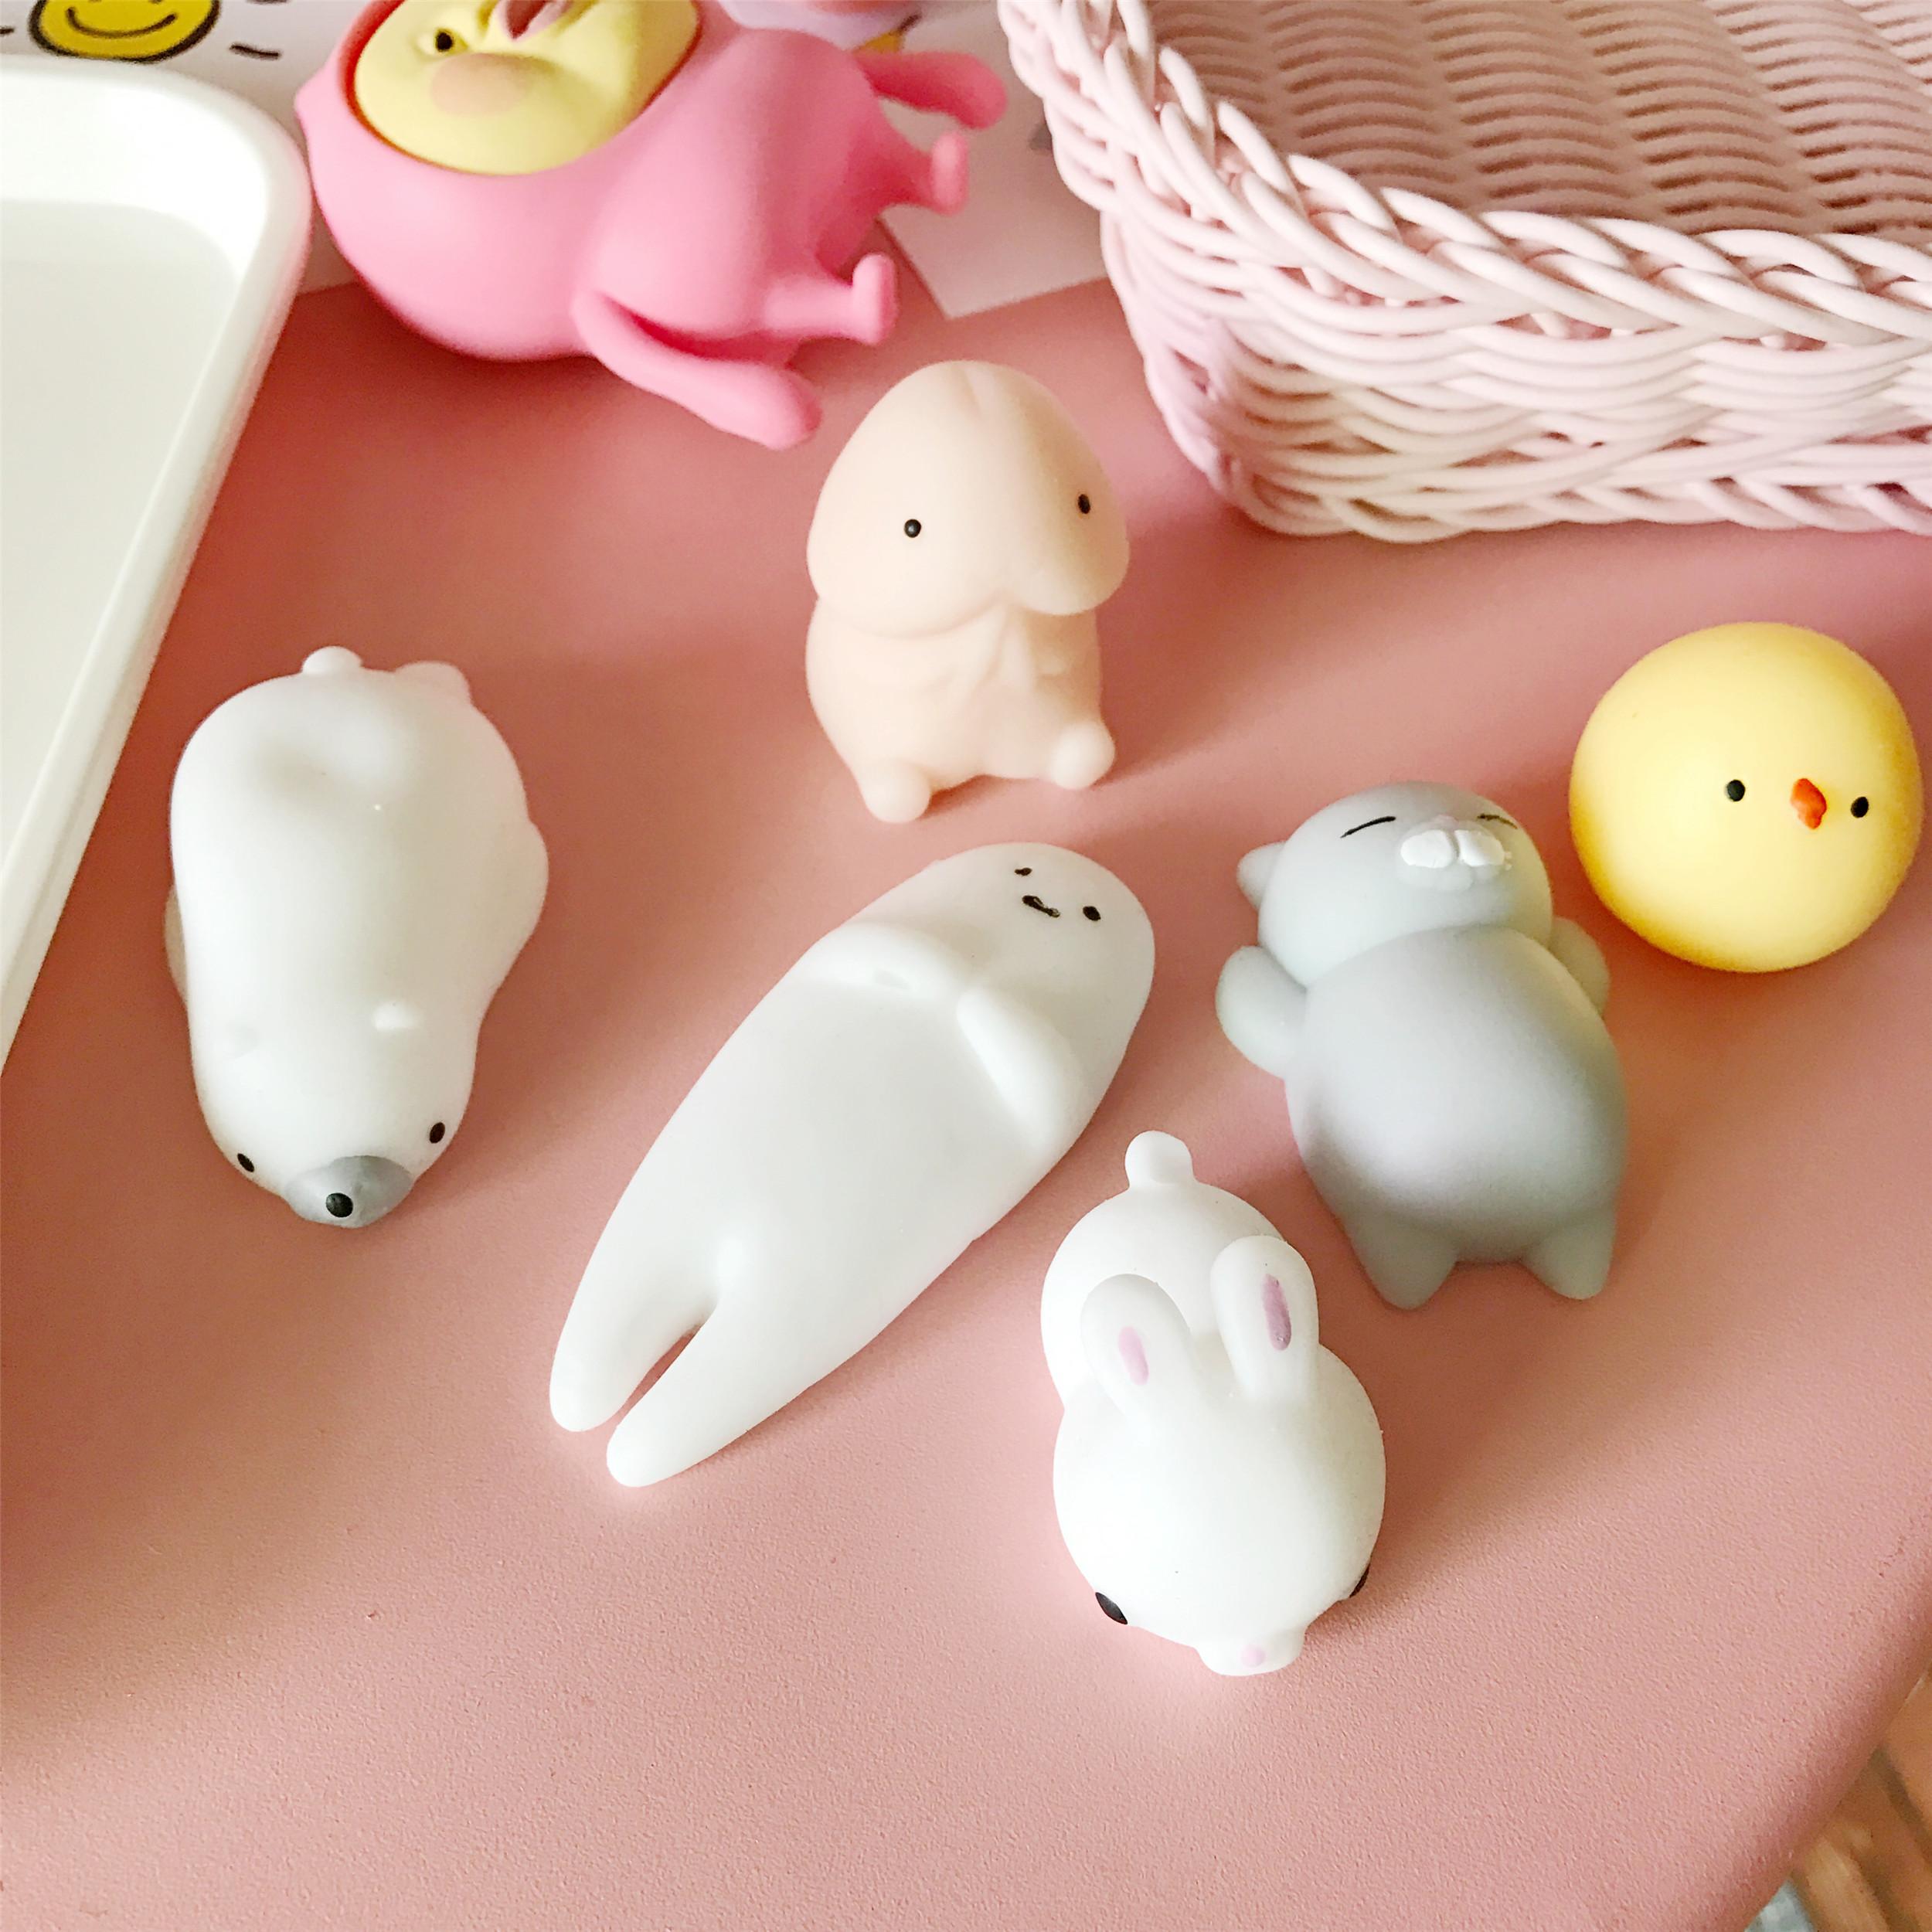 日系卡通动物创意礼物可爱解压舒压捏捏乐萌系发泄球减压玩具摆件